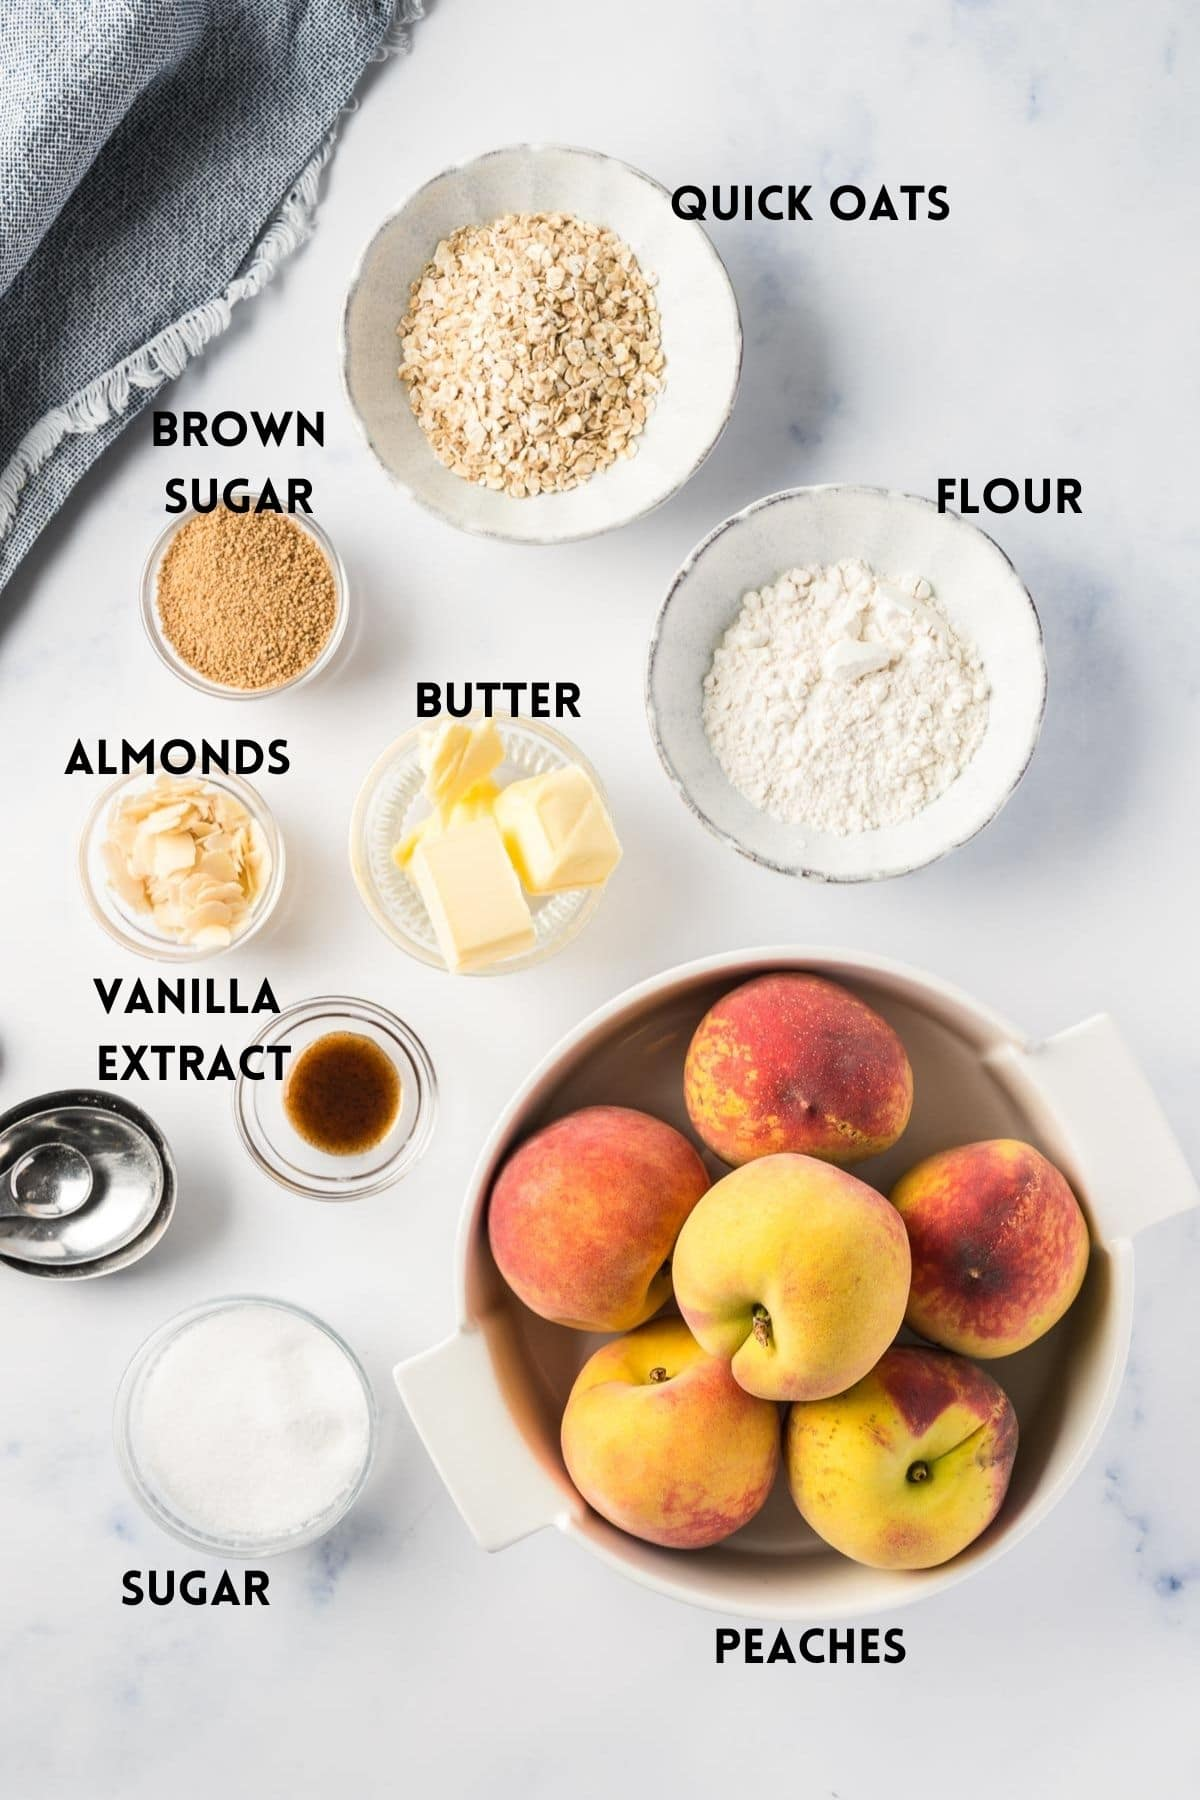 Ingredients needed for Air Fryer Peach Crisp